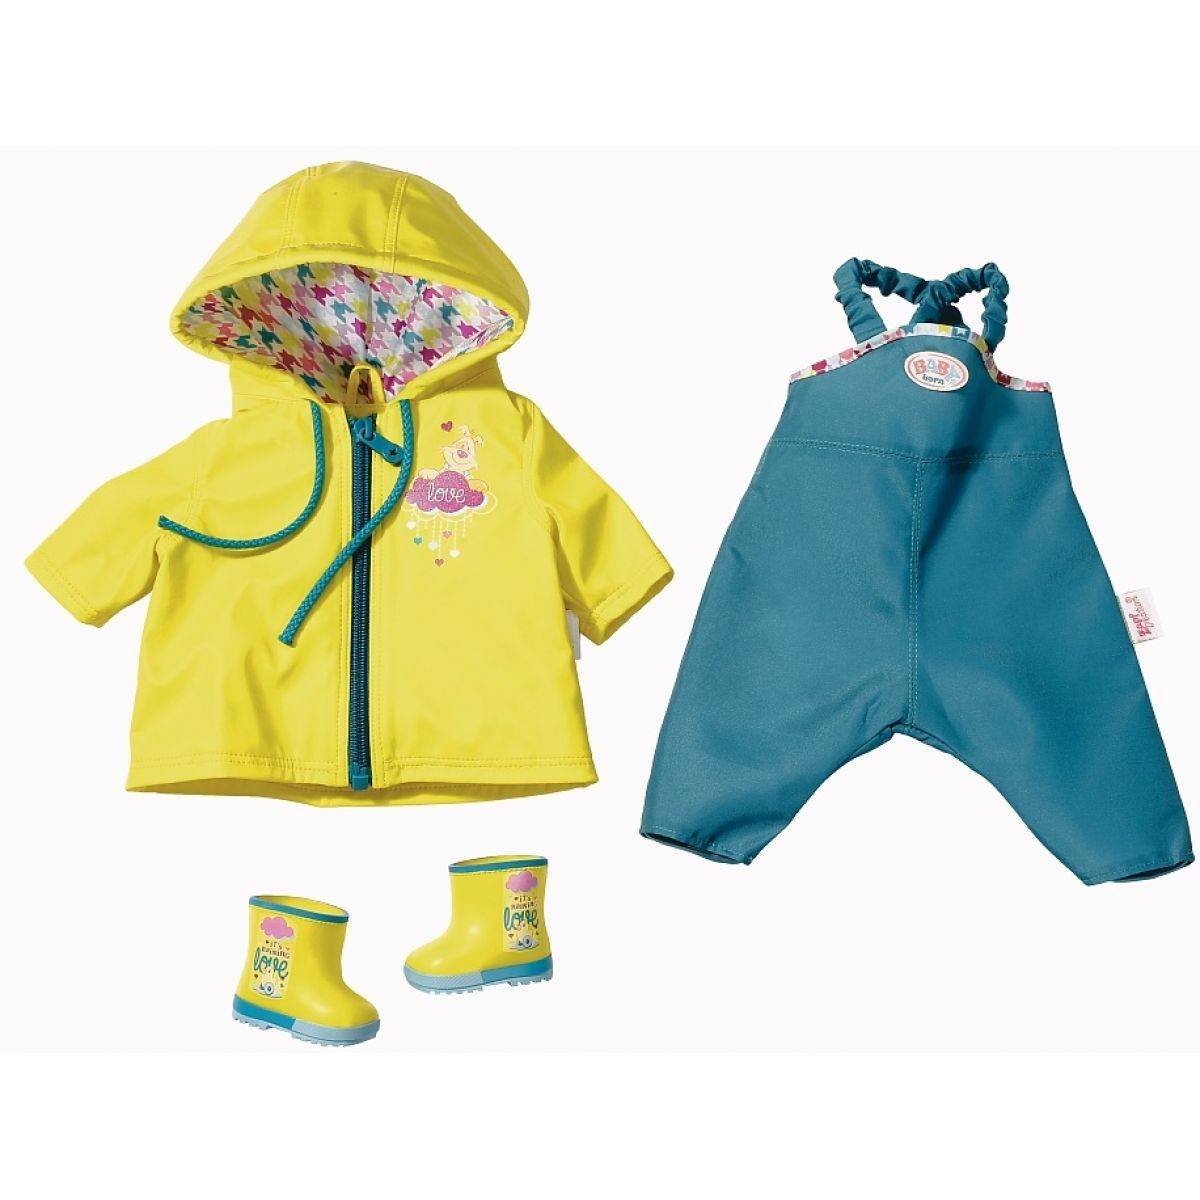 Zapf Creation Baby Born Narozeninová souprava do deště